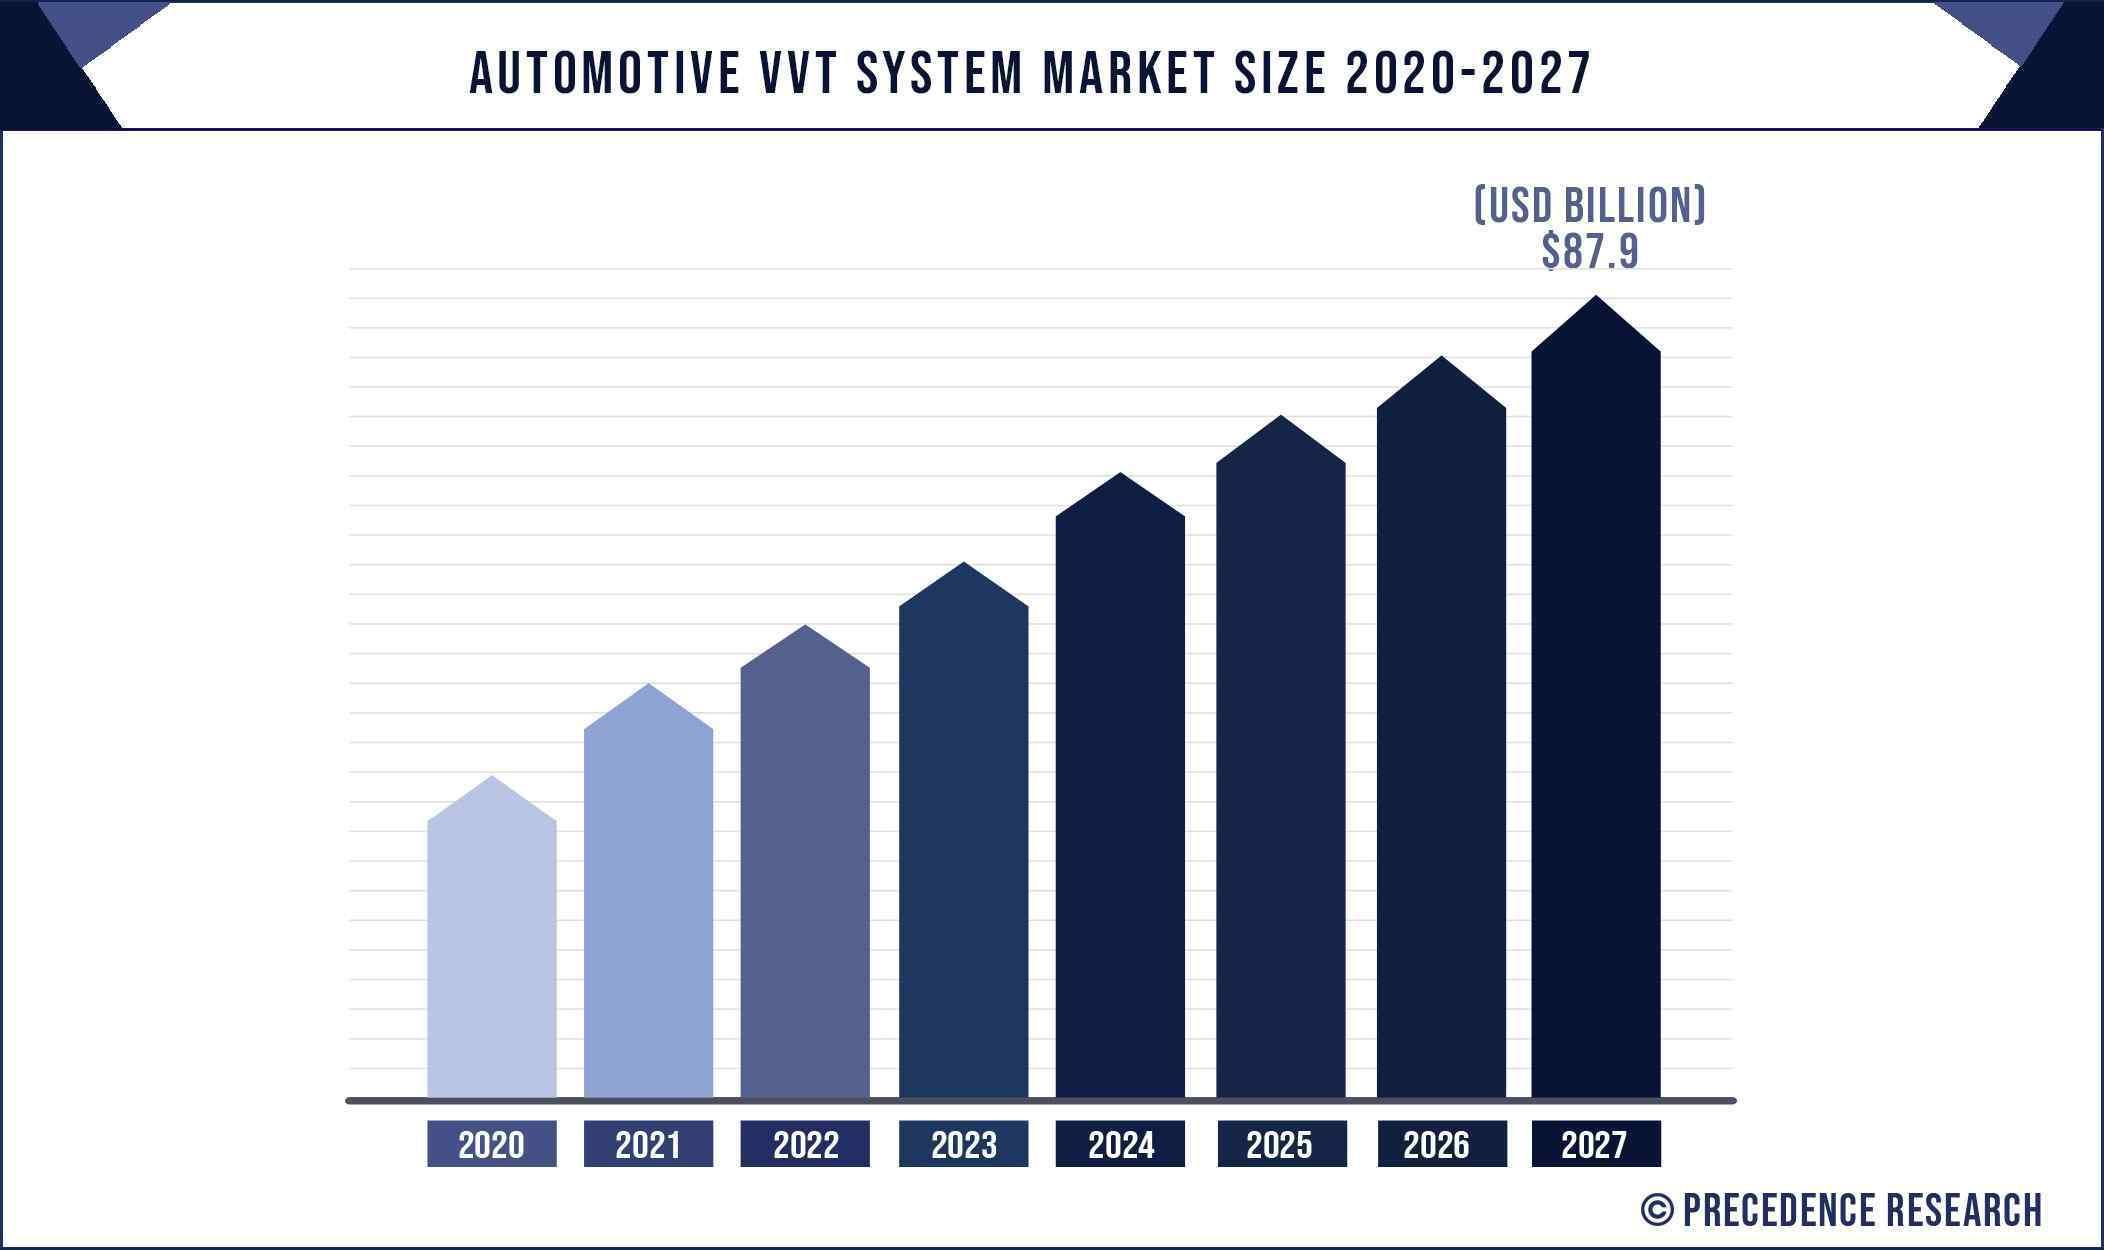 Automotive VVT System Market Size 2020 to 2027